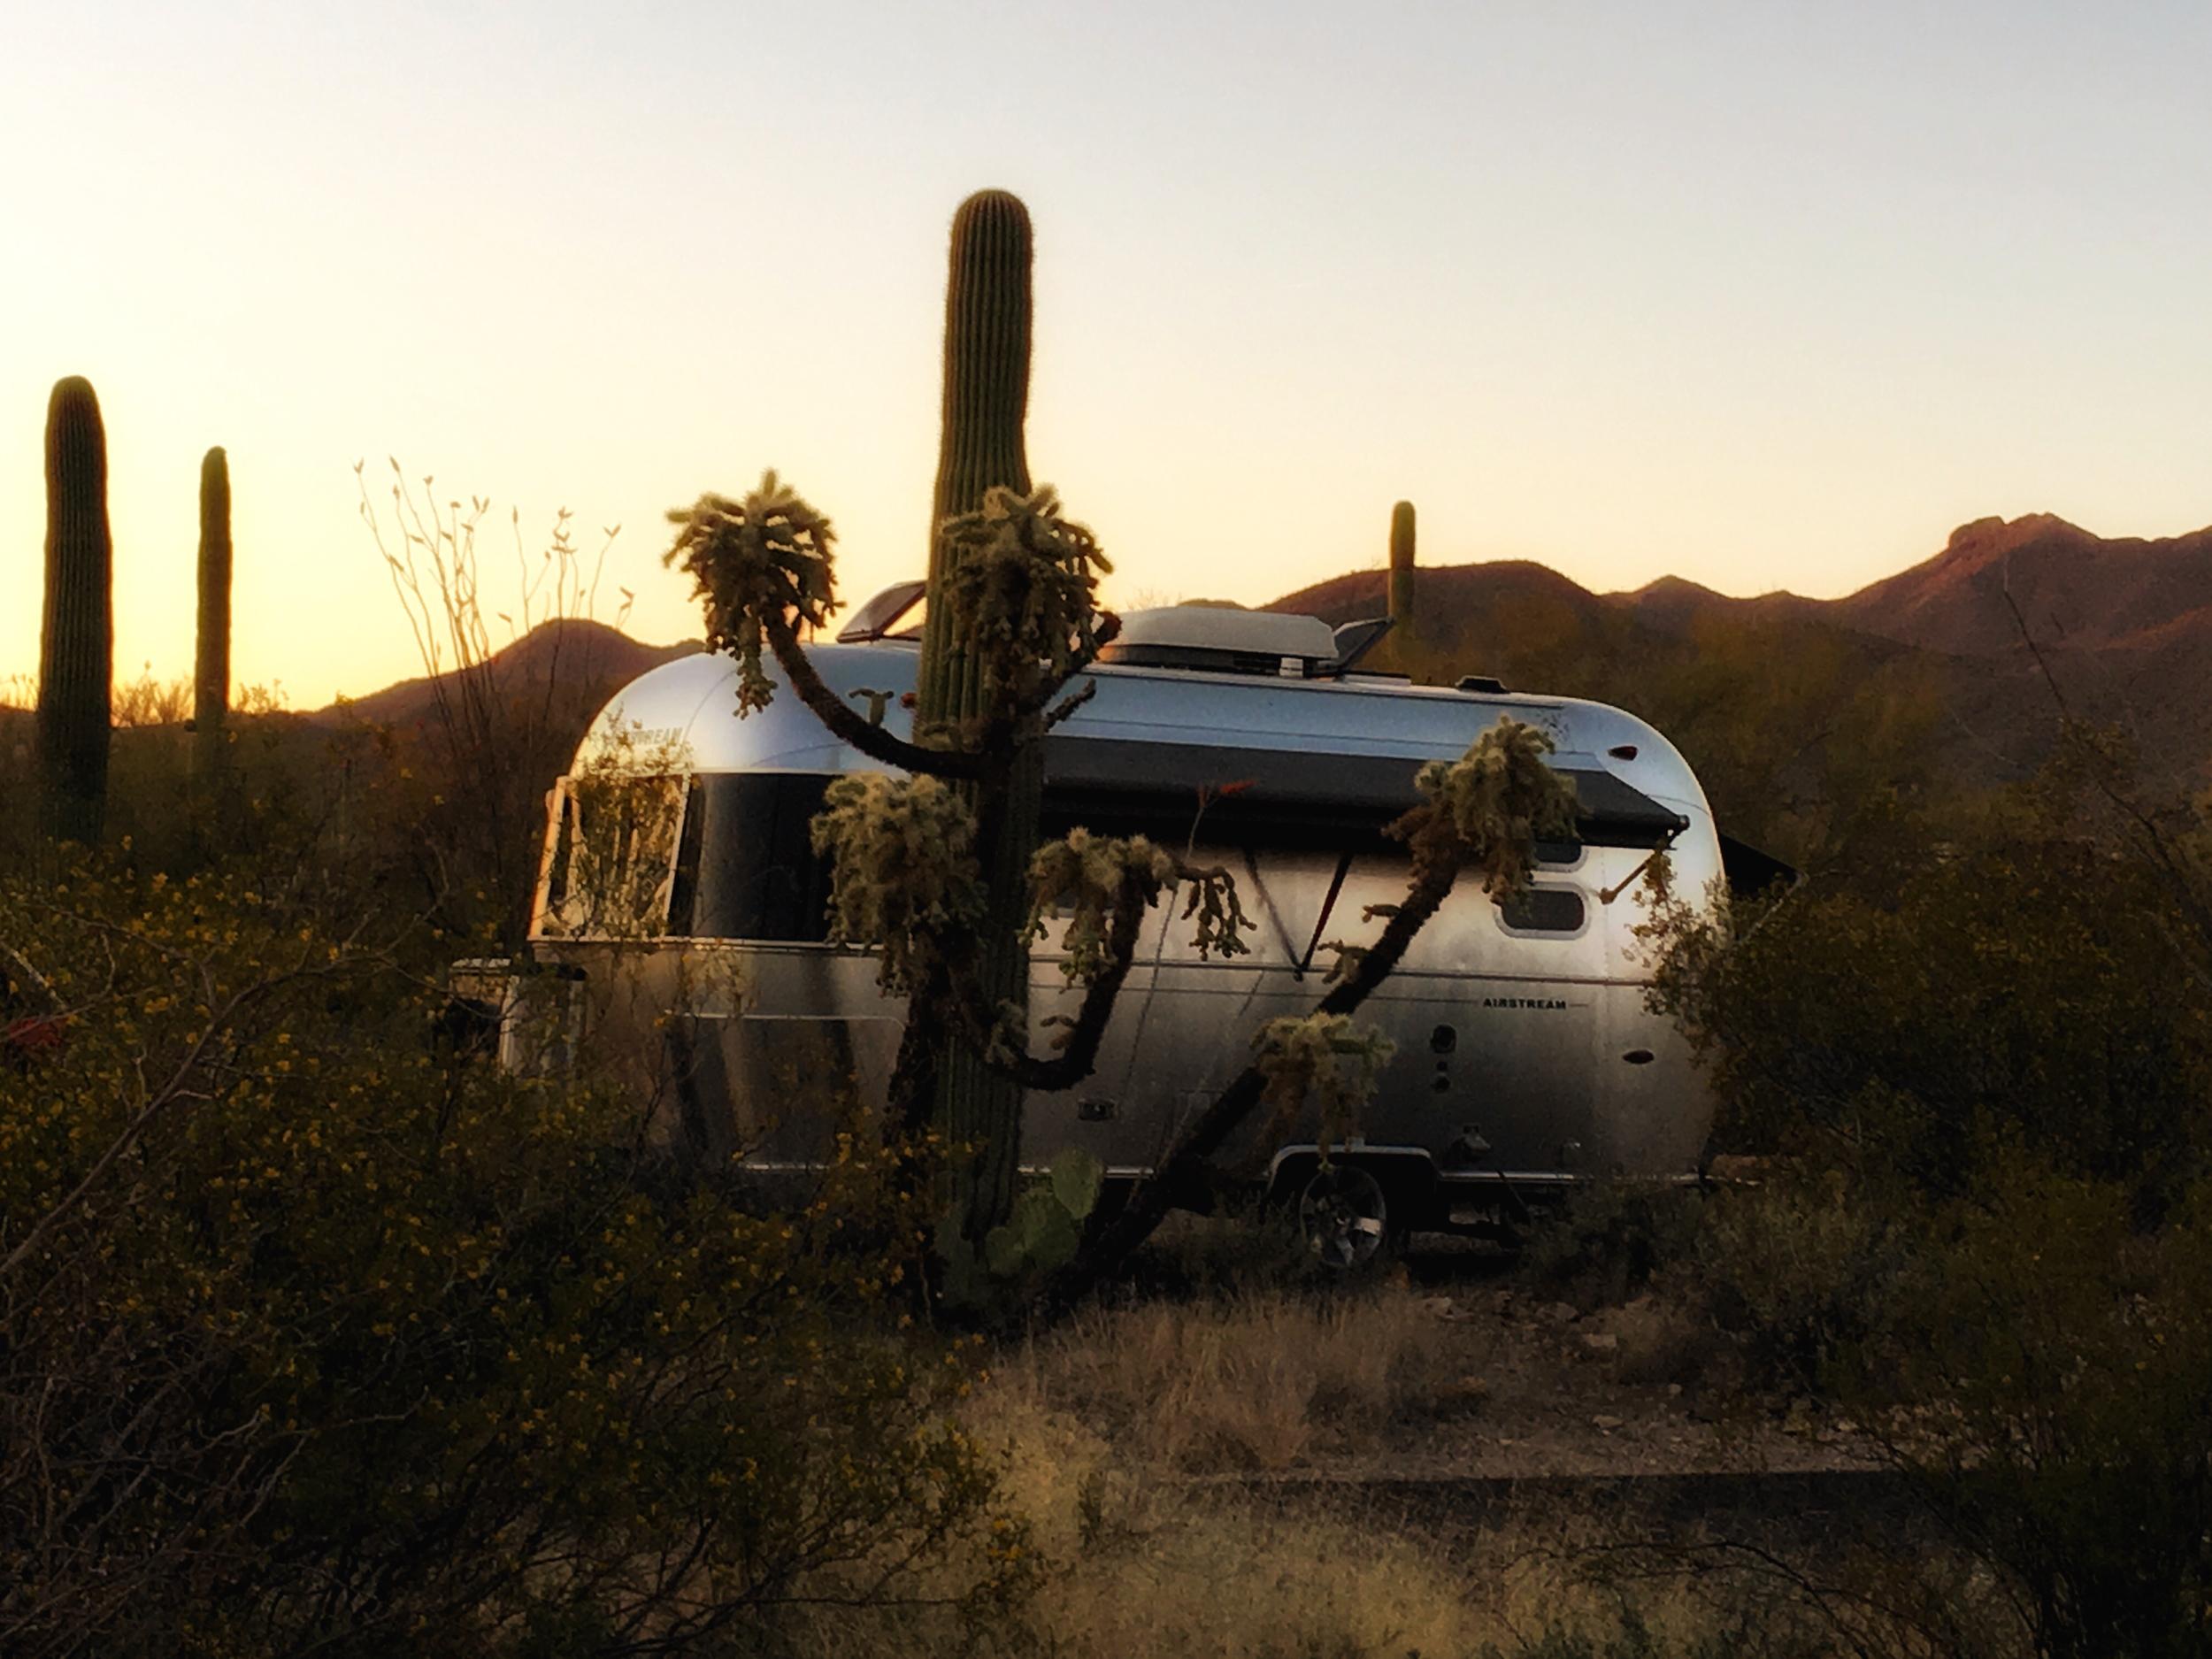 It isn't Wally, but a caravan friend in Saguaro National Park in AZ.